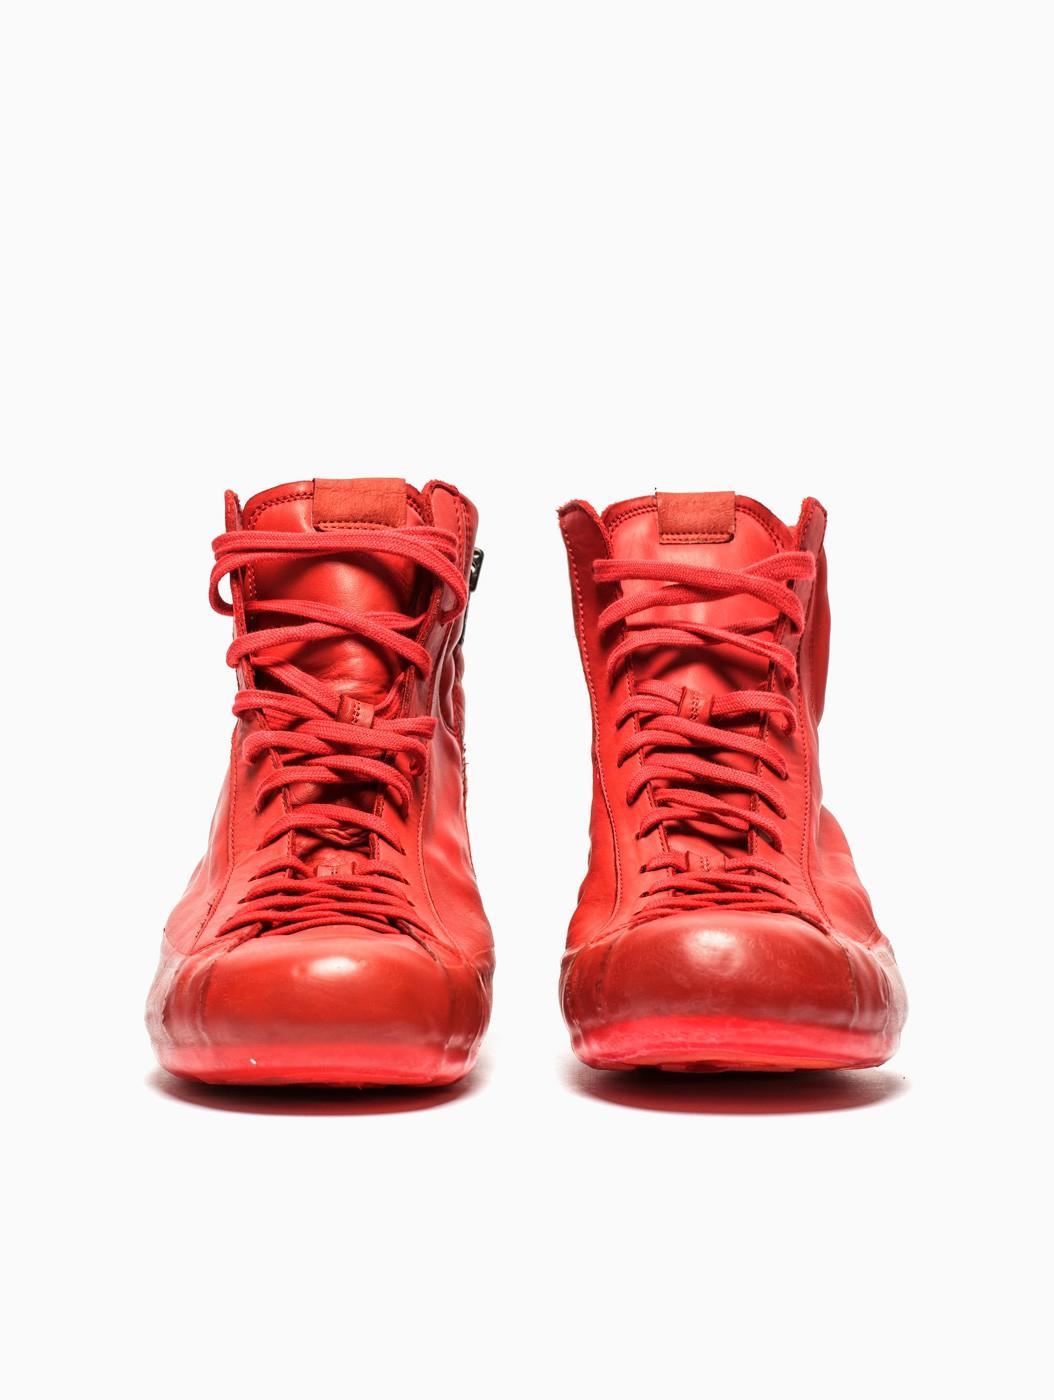 Oxs Shoes Uk